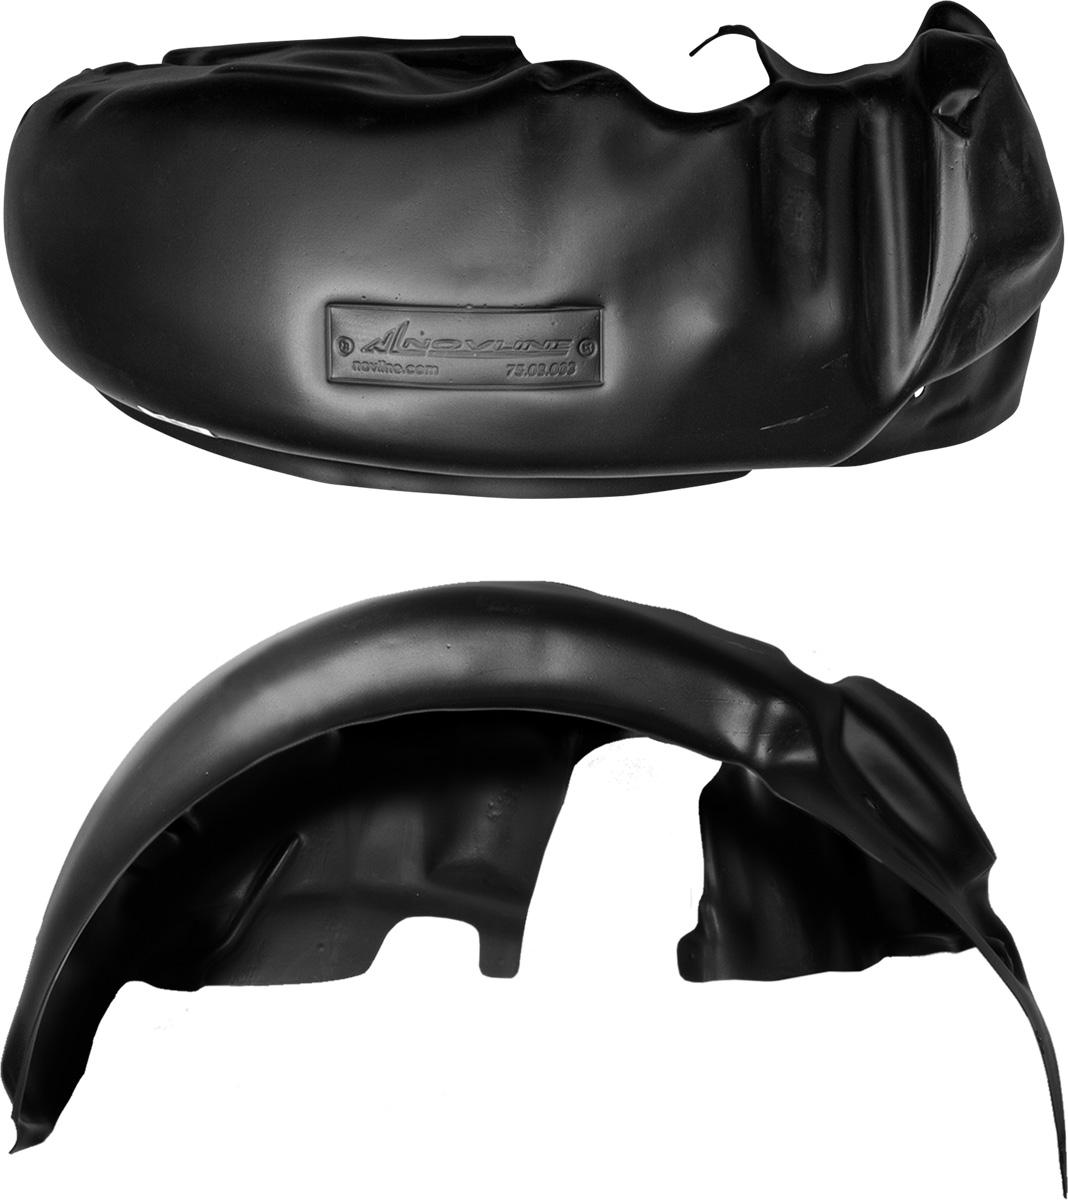 Подкрылок Novline-Autofamily, для Mazda CX-5, 2012-2015, задний левыйBI.MA.09.003Колесные ниши - одни из самых уязвимых зон днища вашего автомобиля. Они постоянно подвергаются воздействию со стороны дороги. Лучшая, почти абсолютная защита для них - специально отформованные пластиковые кожухи, которые называются подкрылками. Производятся они как для отечественных моделей автомобилей, так и для иномарок. Подкрылки Novline-Autofamily выполнены из высококачественного, экологически чистого пластика. Обеспечивают надежную защиту кузова автомобиля от пескоструйного эффекта и негативного влияния, агрессивных антигололедных реагентов. Пластик обладает более низкой теплопроводностью, чем металл, поэтому в зимний период эксплуатации использование пластиковых подкрылков позволяет лучше защитить колесные ниши от налипания снега и образования наледи. Оригинальность конструкции подчеркивает элегантность автомобиля, бережно защищает нанесенное на днище кузова антикоррозийное покрытие и позволяет осуществить крепление подкрылков внутри колесной арки практически без...